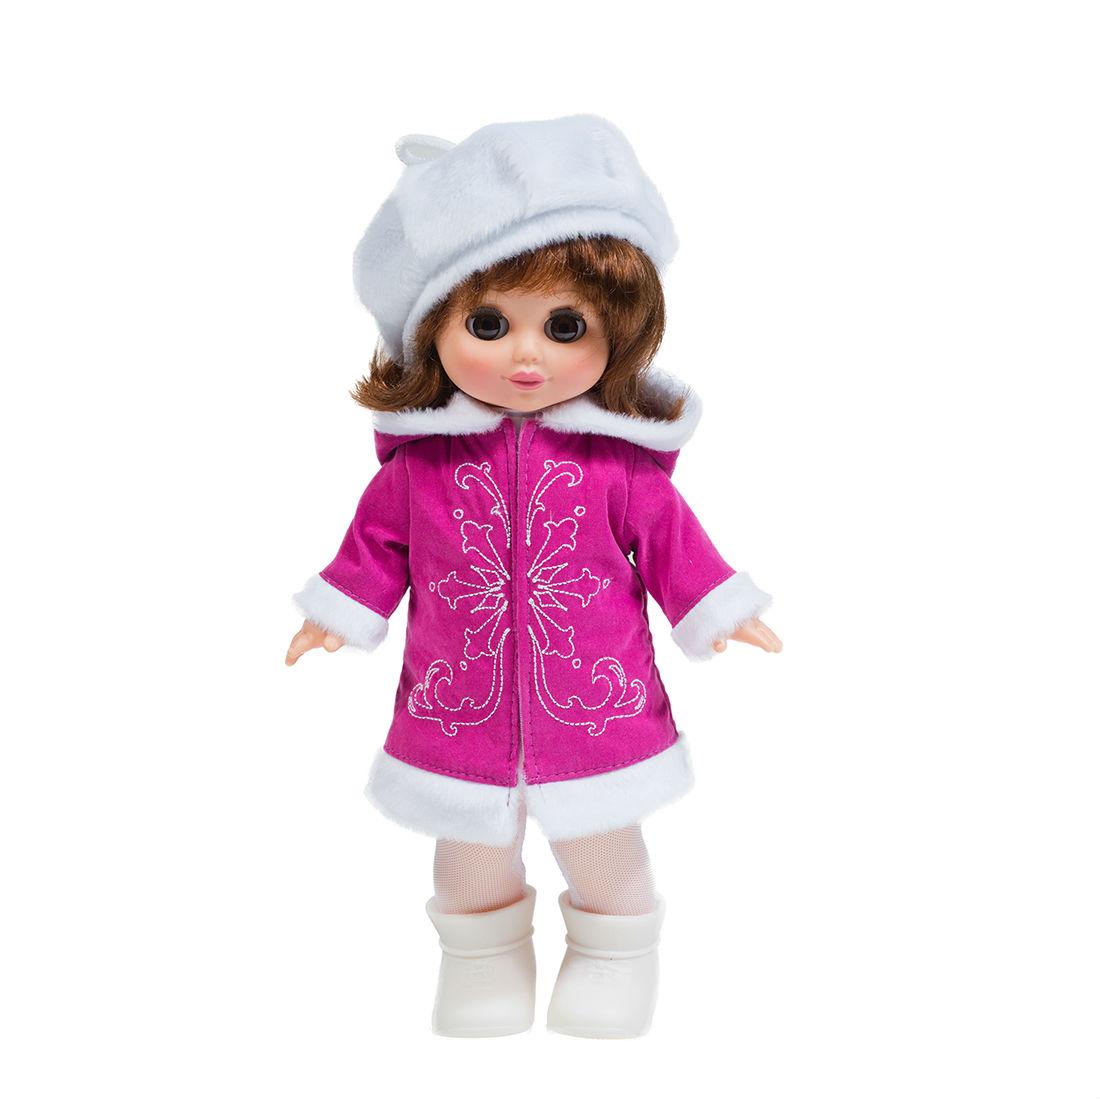 Кукла Настя 15 со звуковым устройством, 30 смРусские куклы фабрики Весна<br>Кукла Настя 15 со звуковым устройством, 30 см<br>